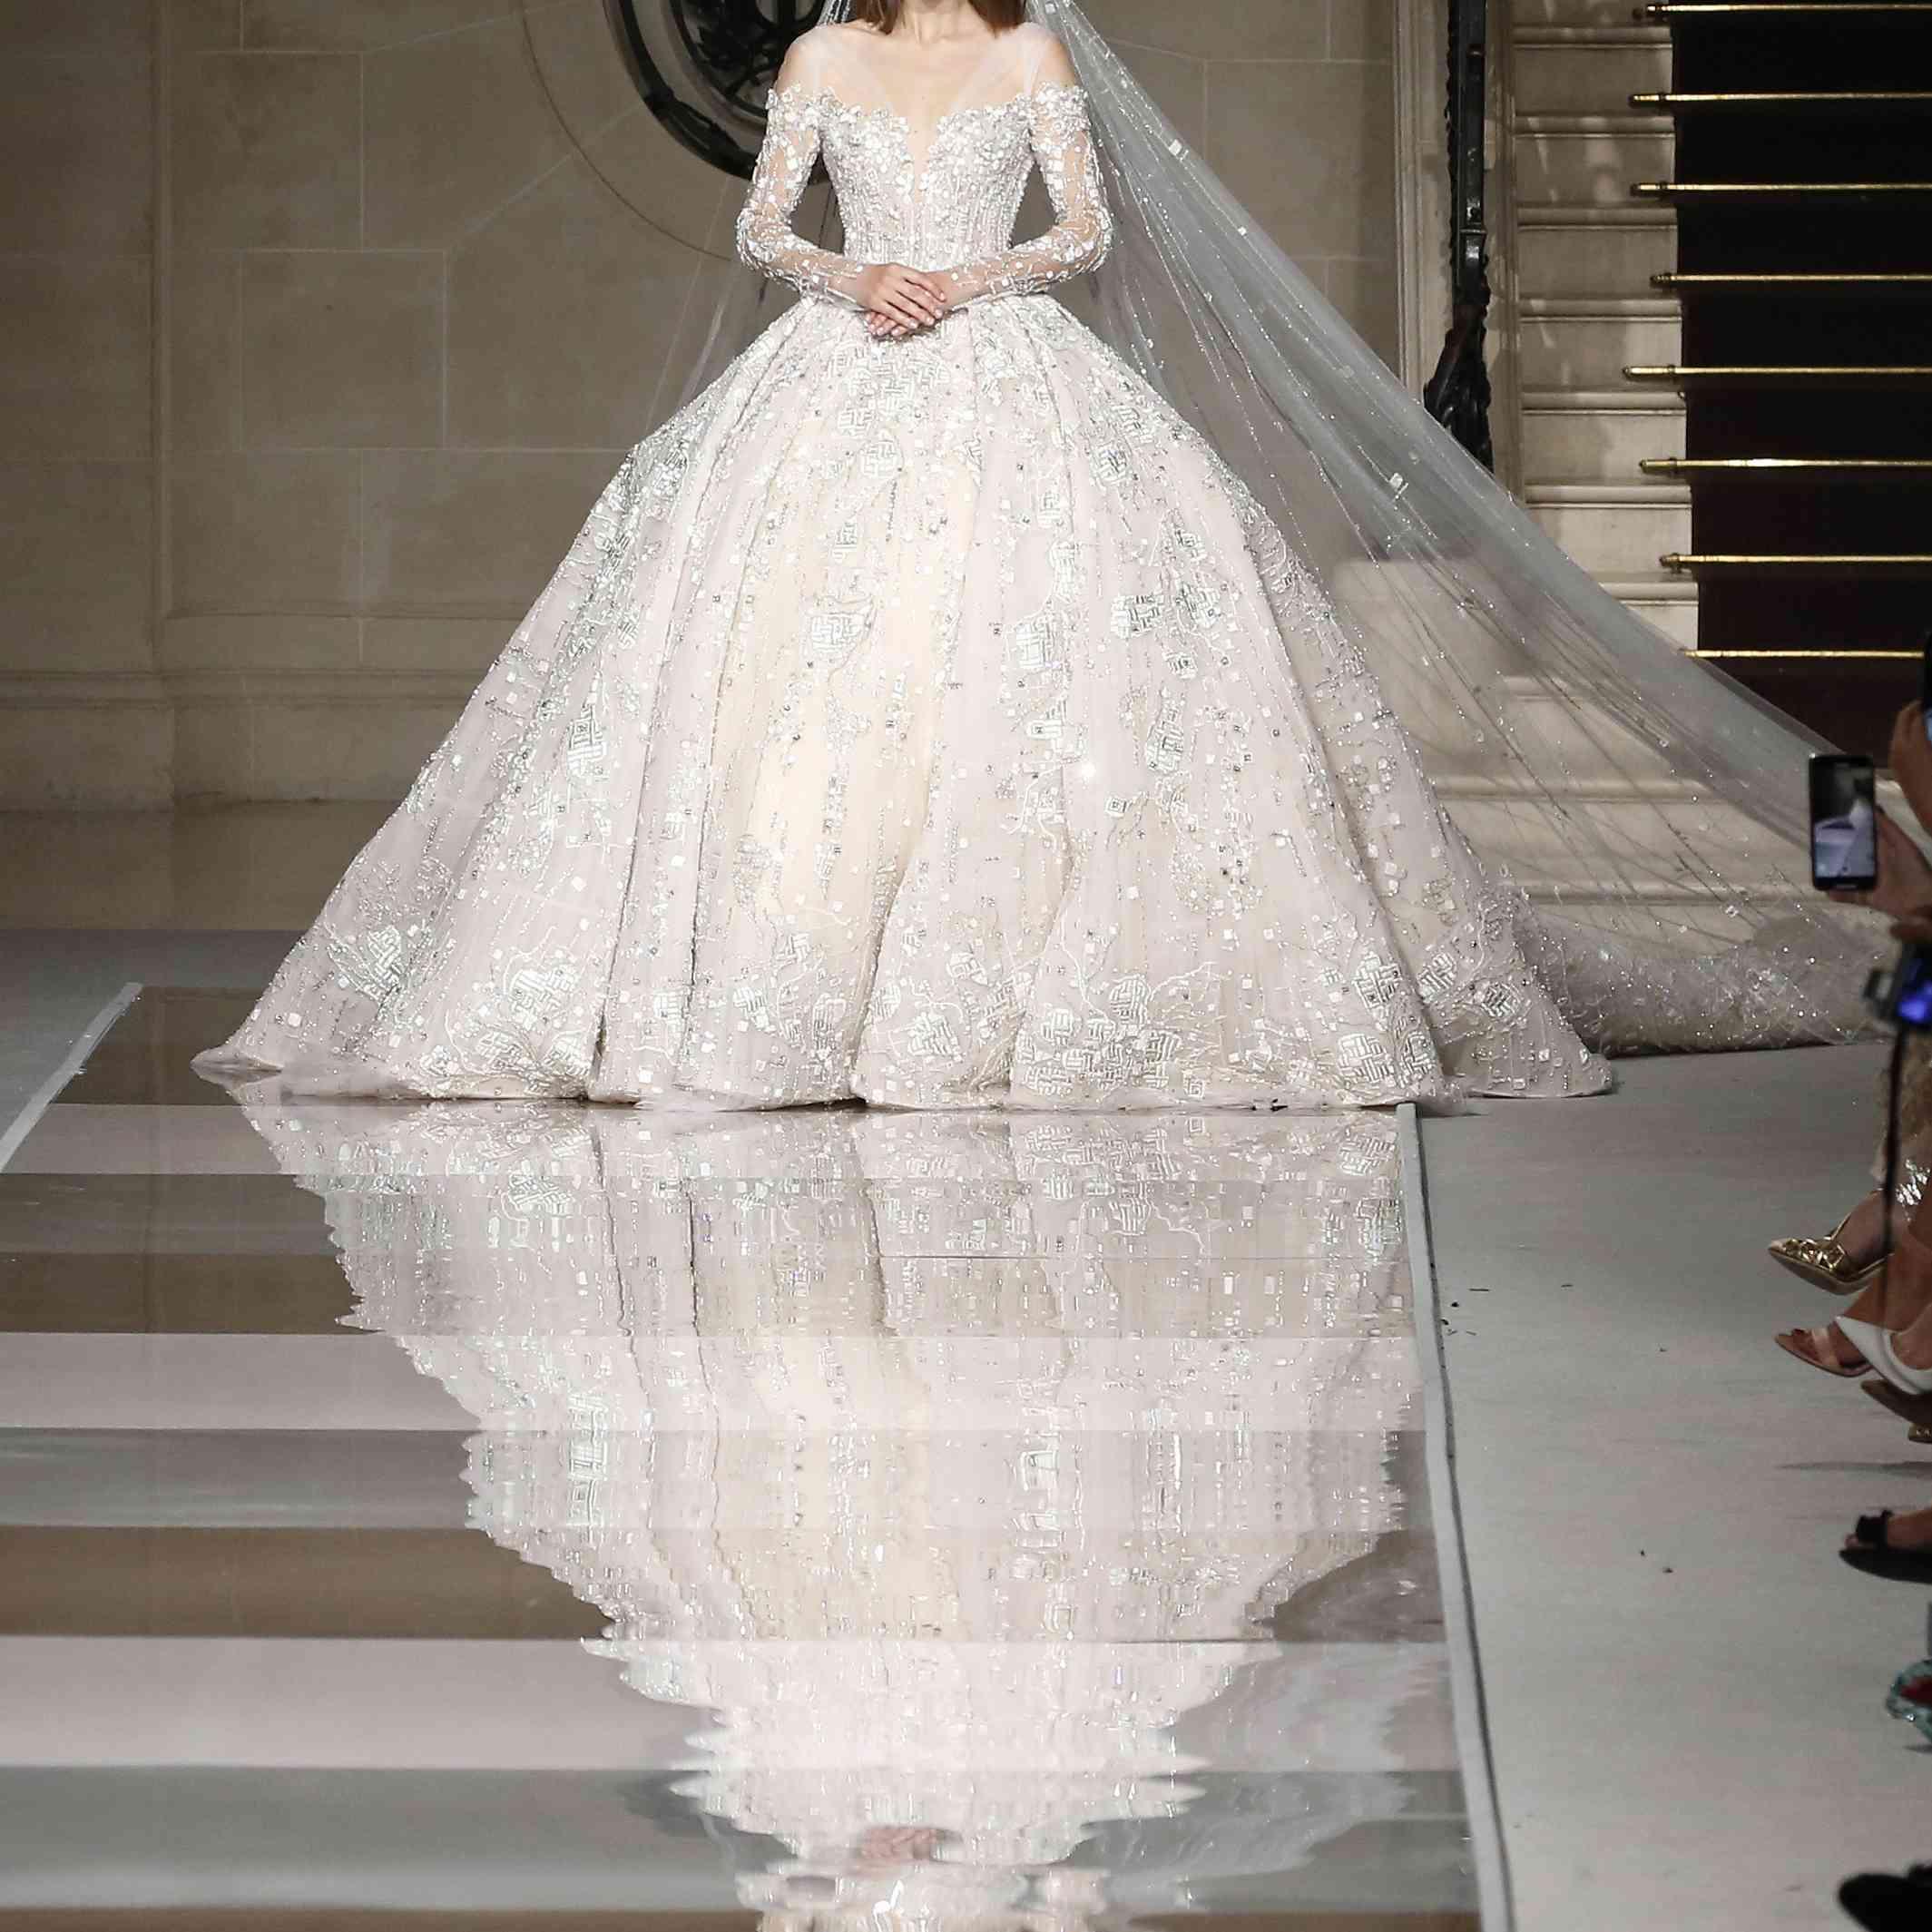 Model in off-the-shoulder, long-sleeved, embellished princess gown